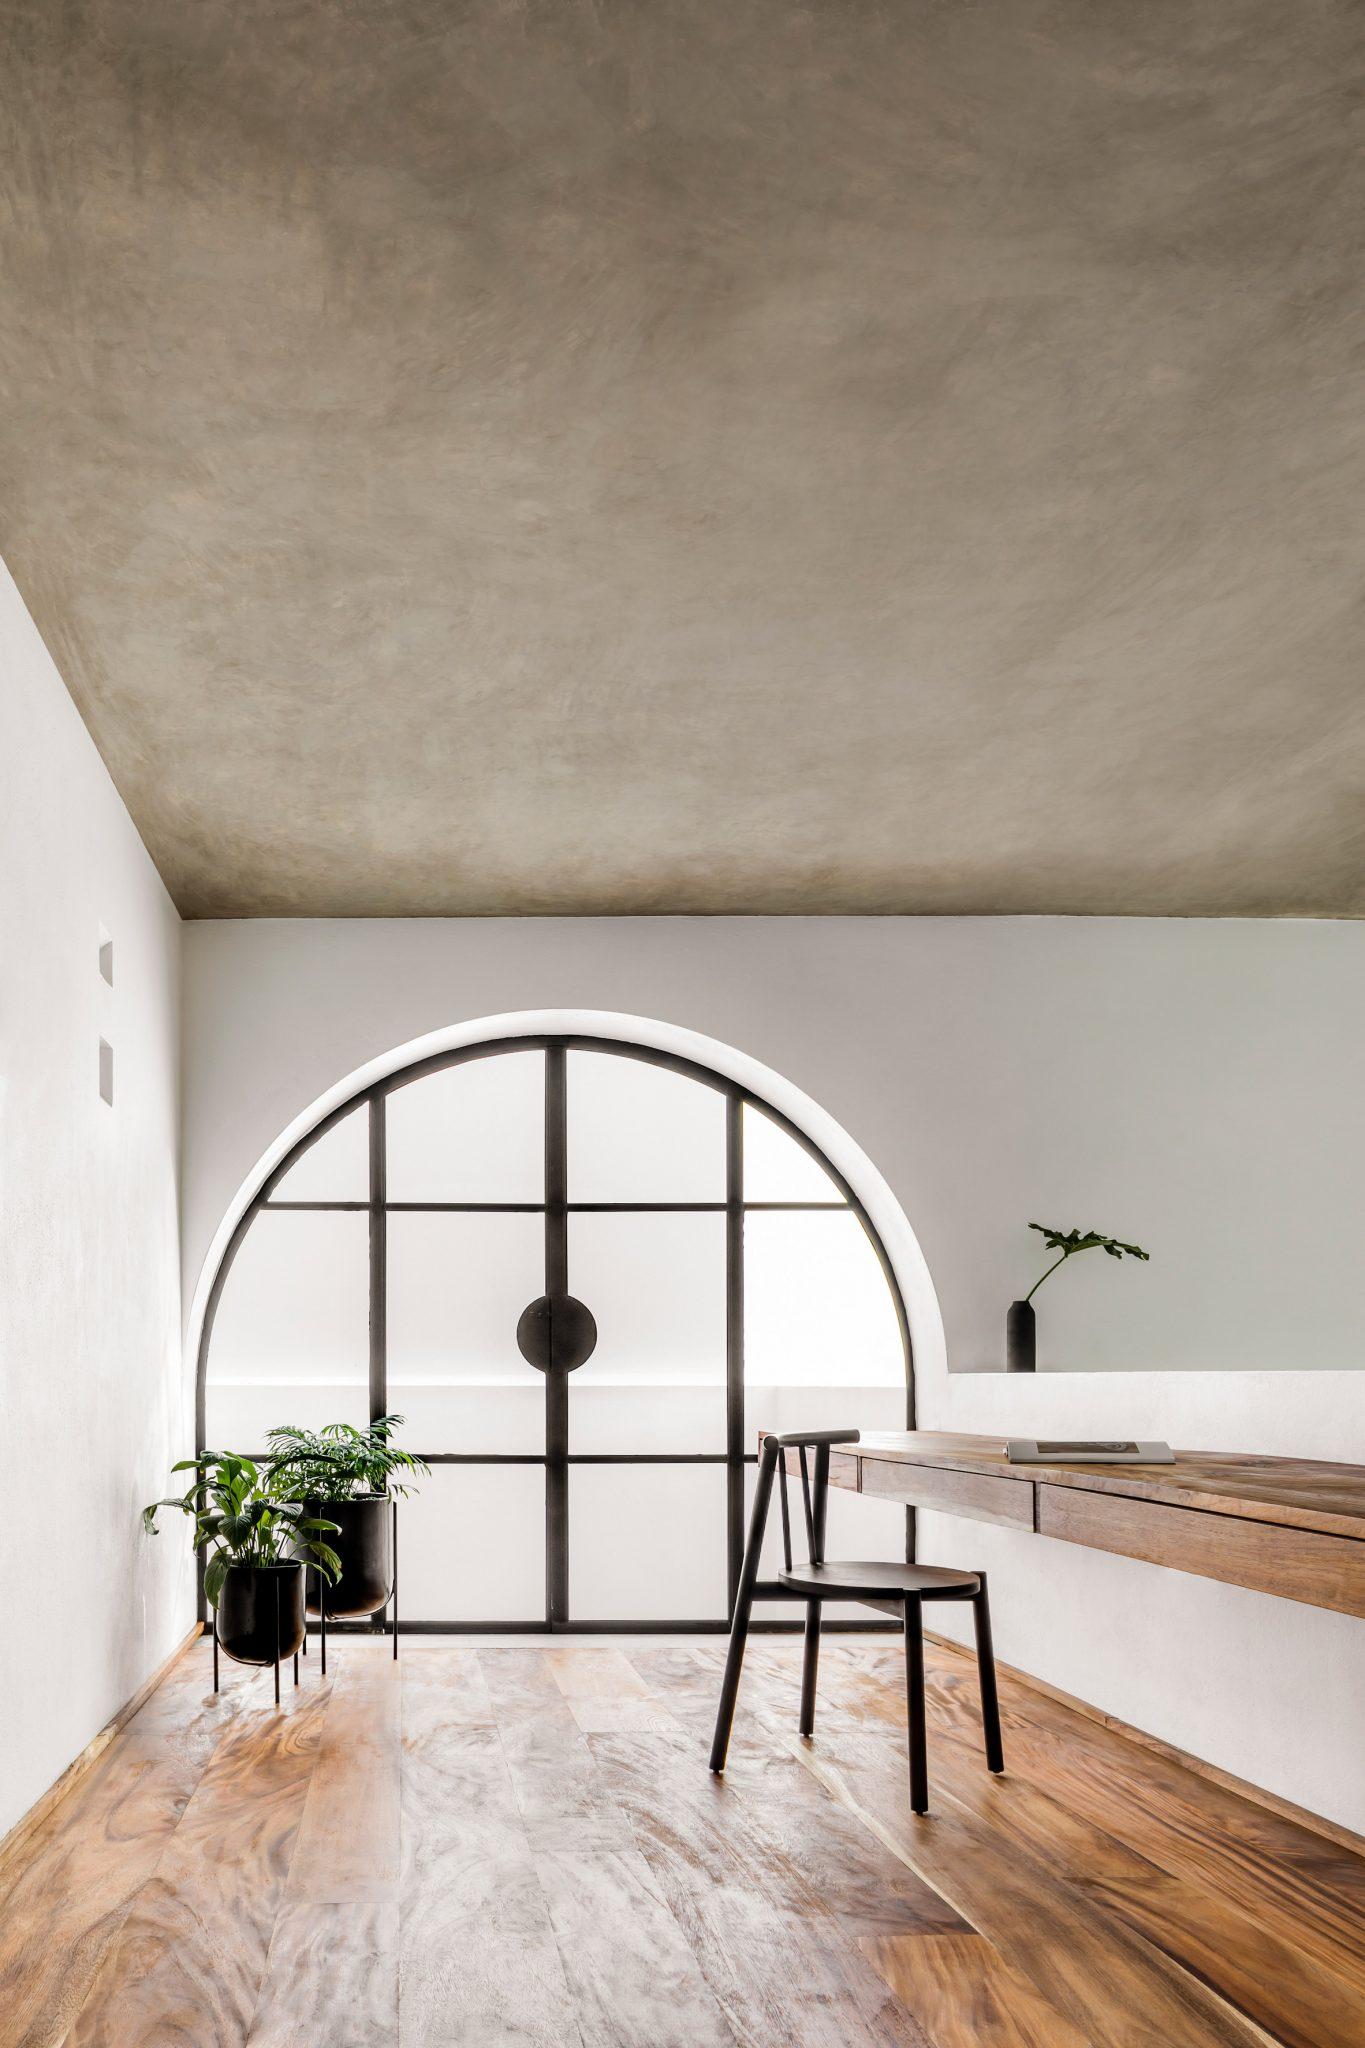 La impresionante Casa A690 de Delfino Lozano mezcla la arquitectura mediterránea y mexicana